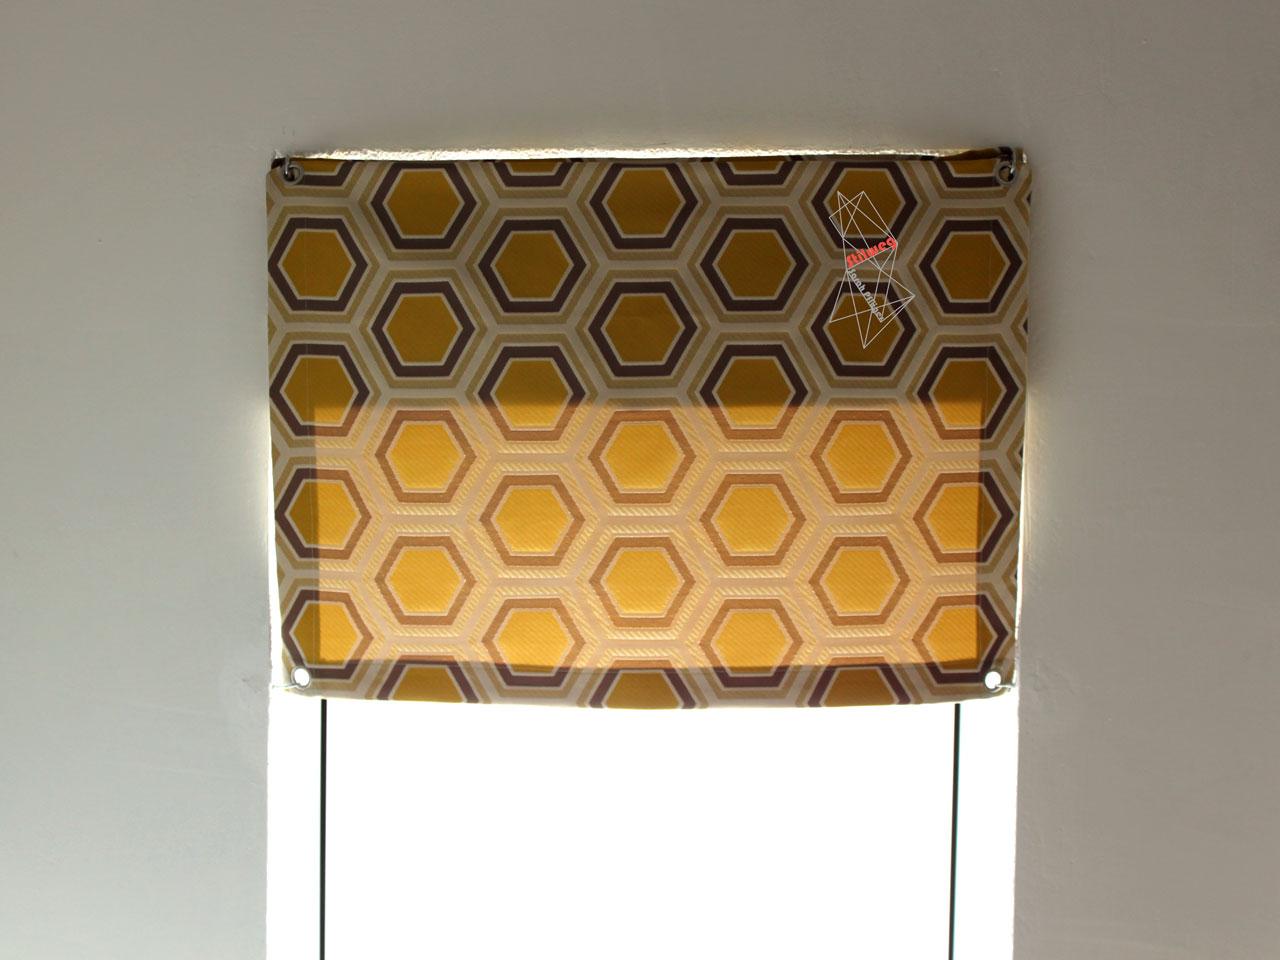 dachfenster vorhang n hen anleitung mit kostenlosem schnitt. Black Bedroom Furniture Sets. Home Design Ideas